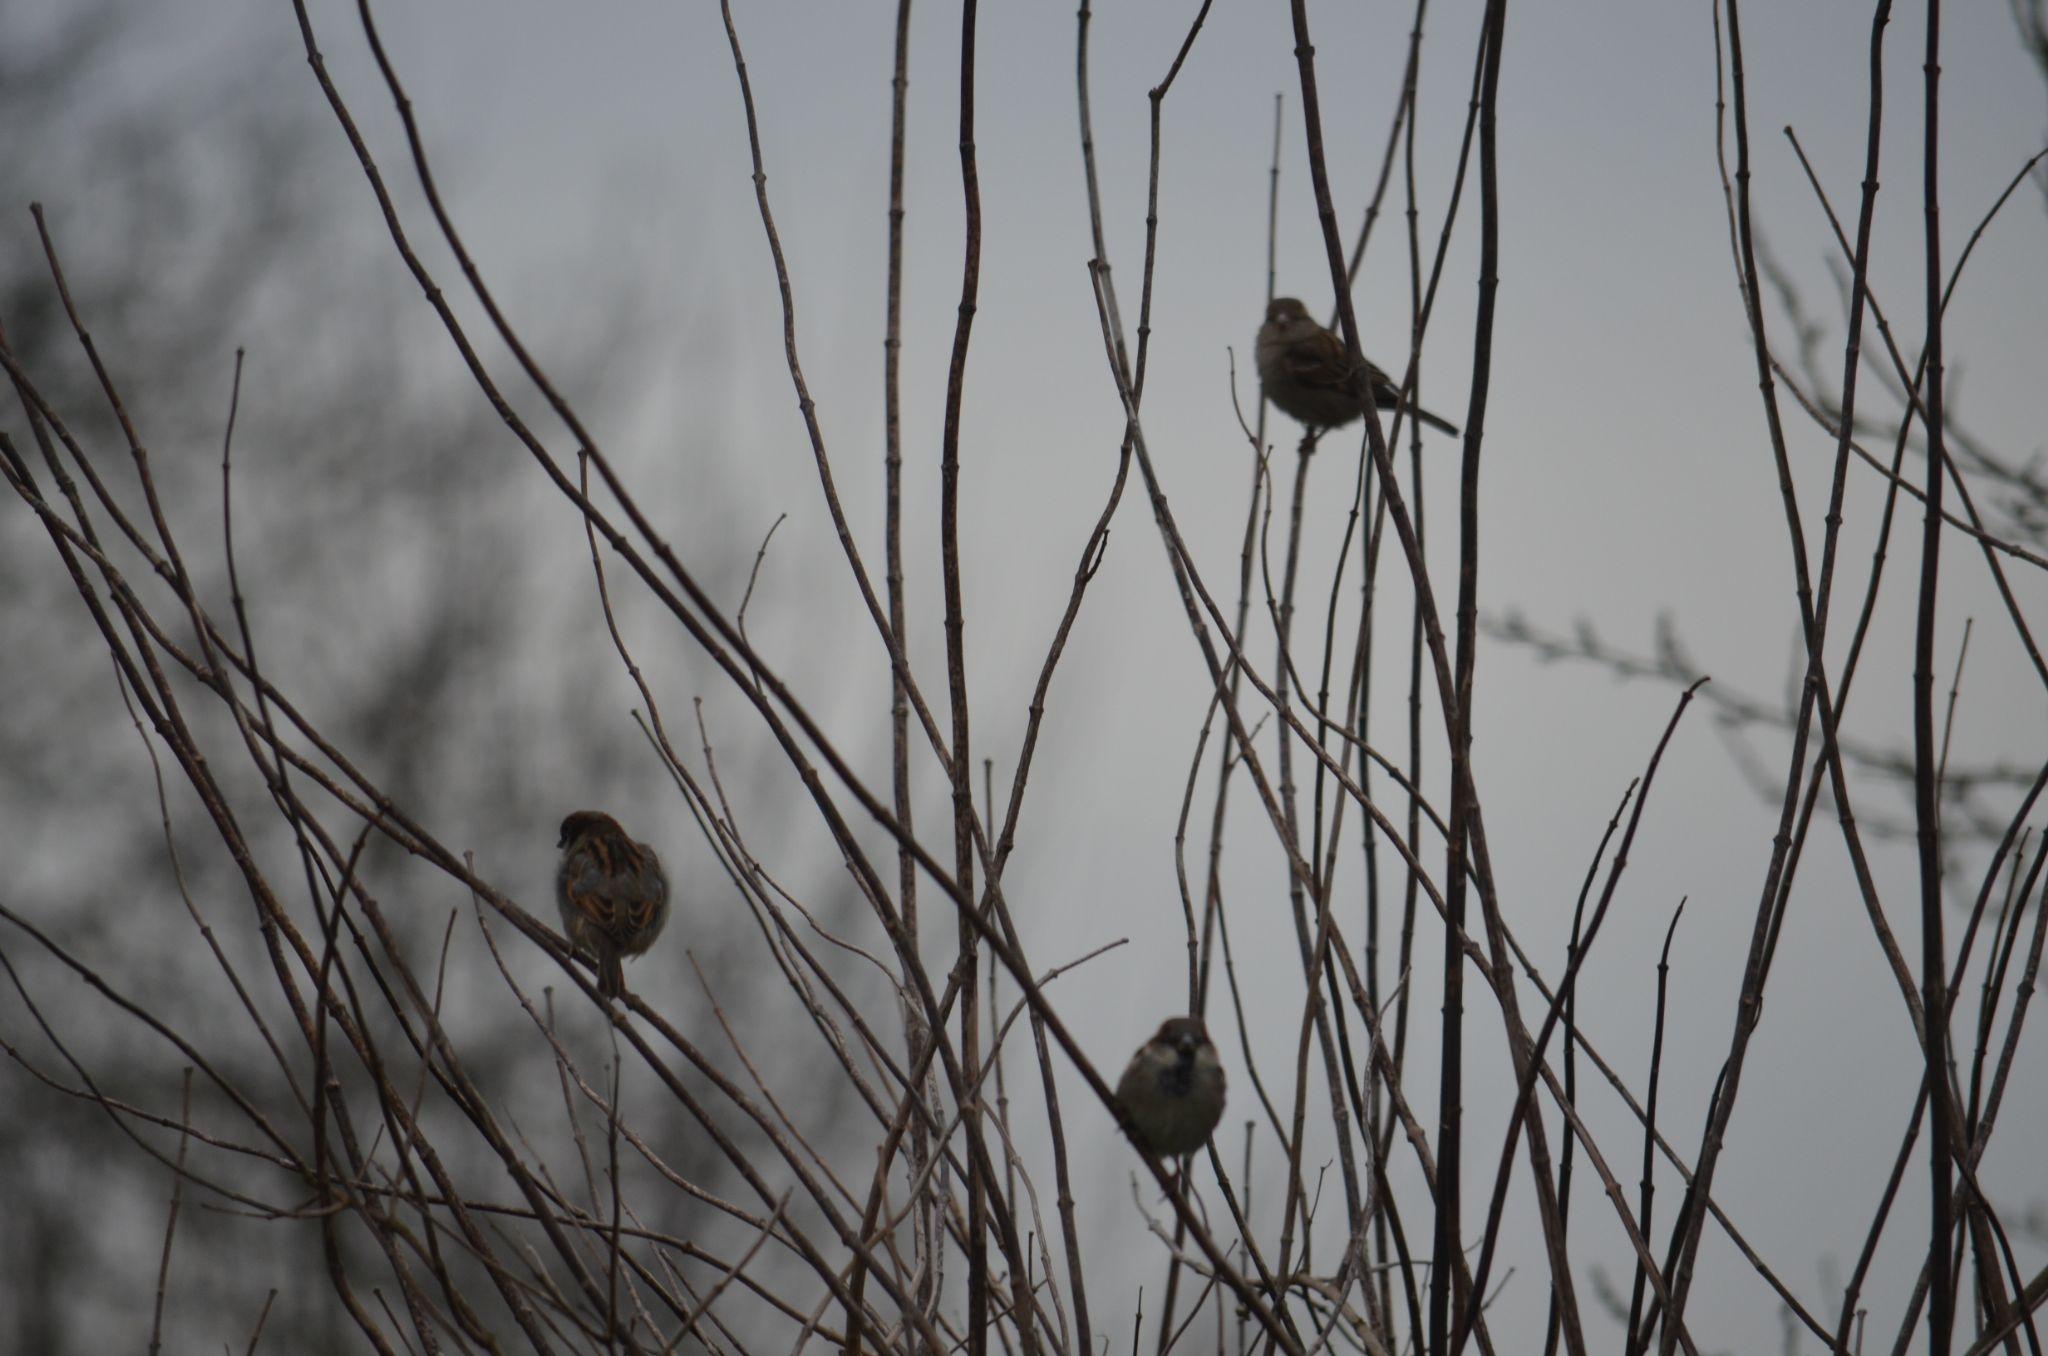 Un matin brumeux by ormessahondra